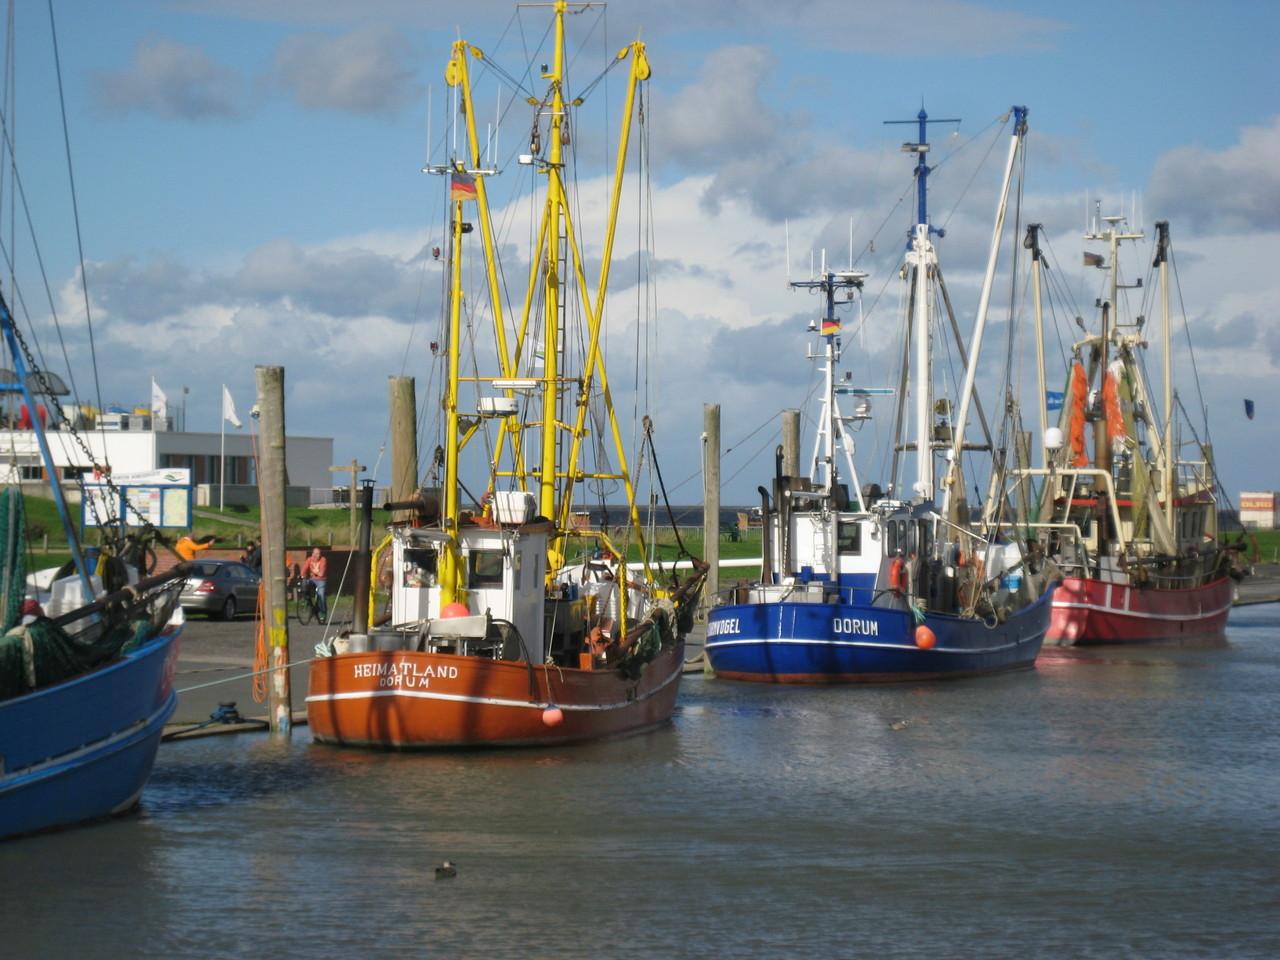 Kutterhafen - etwa eine Stunde vor Hochwasser gibt es frische Krabben direkt vom Schiff.